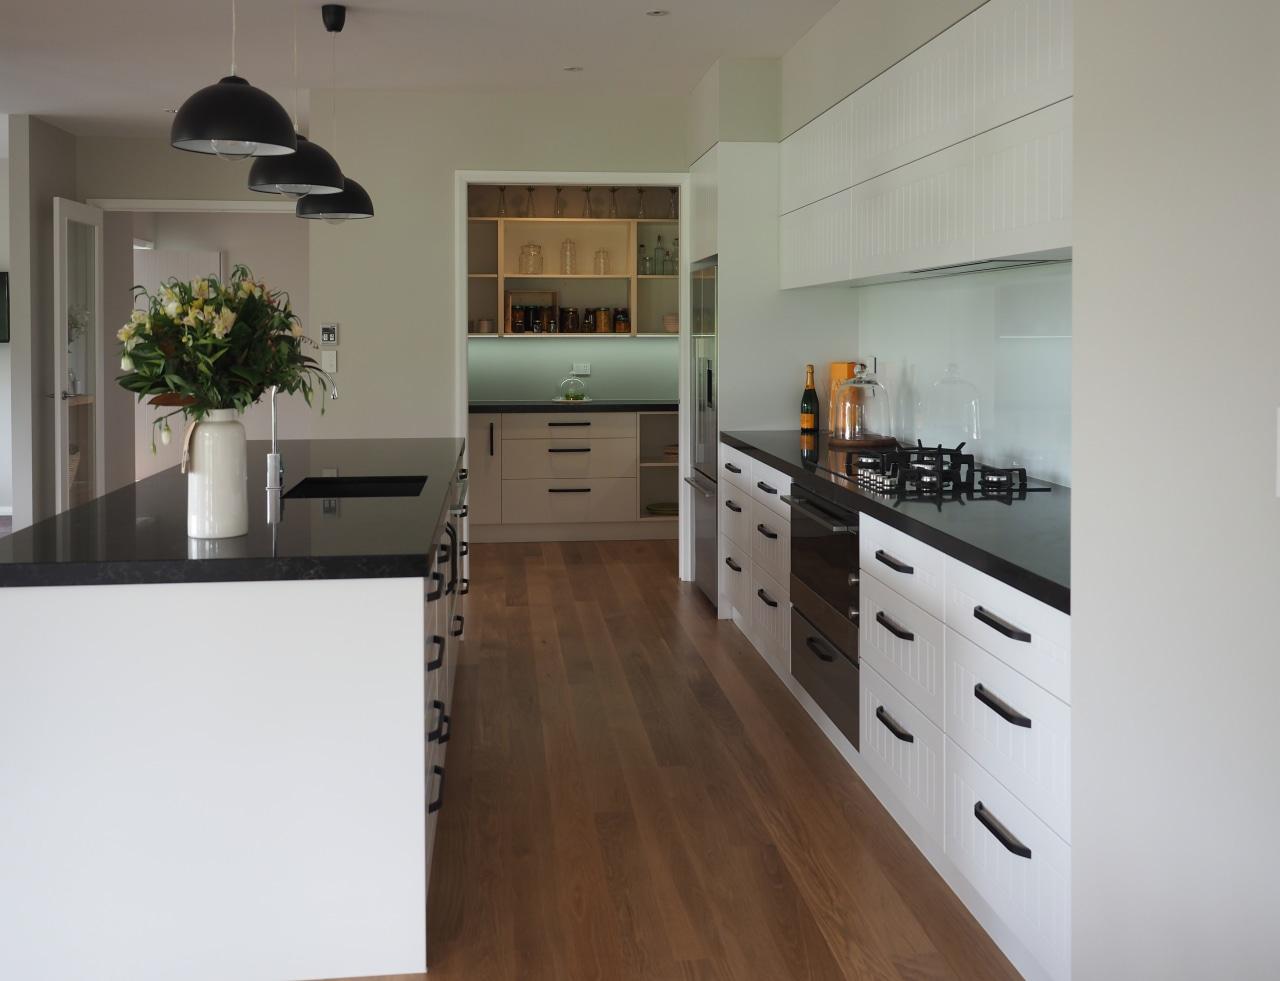 This modern kitchen in Landmark show home has cabinetry, countertop, cuisine classique, floor, flooring, hardwood, interior design, kitchen, room, wood flooring, gray